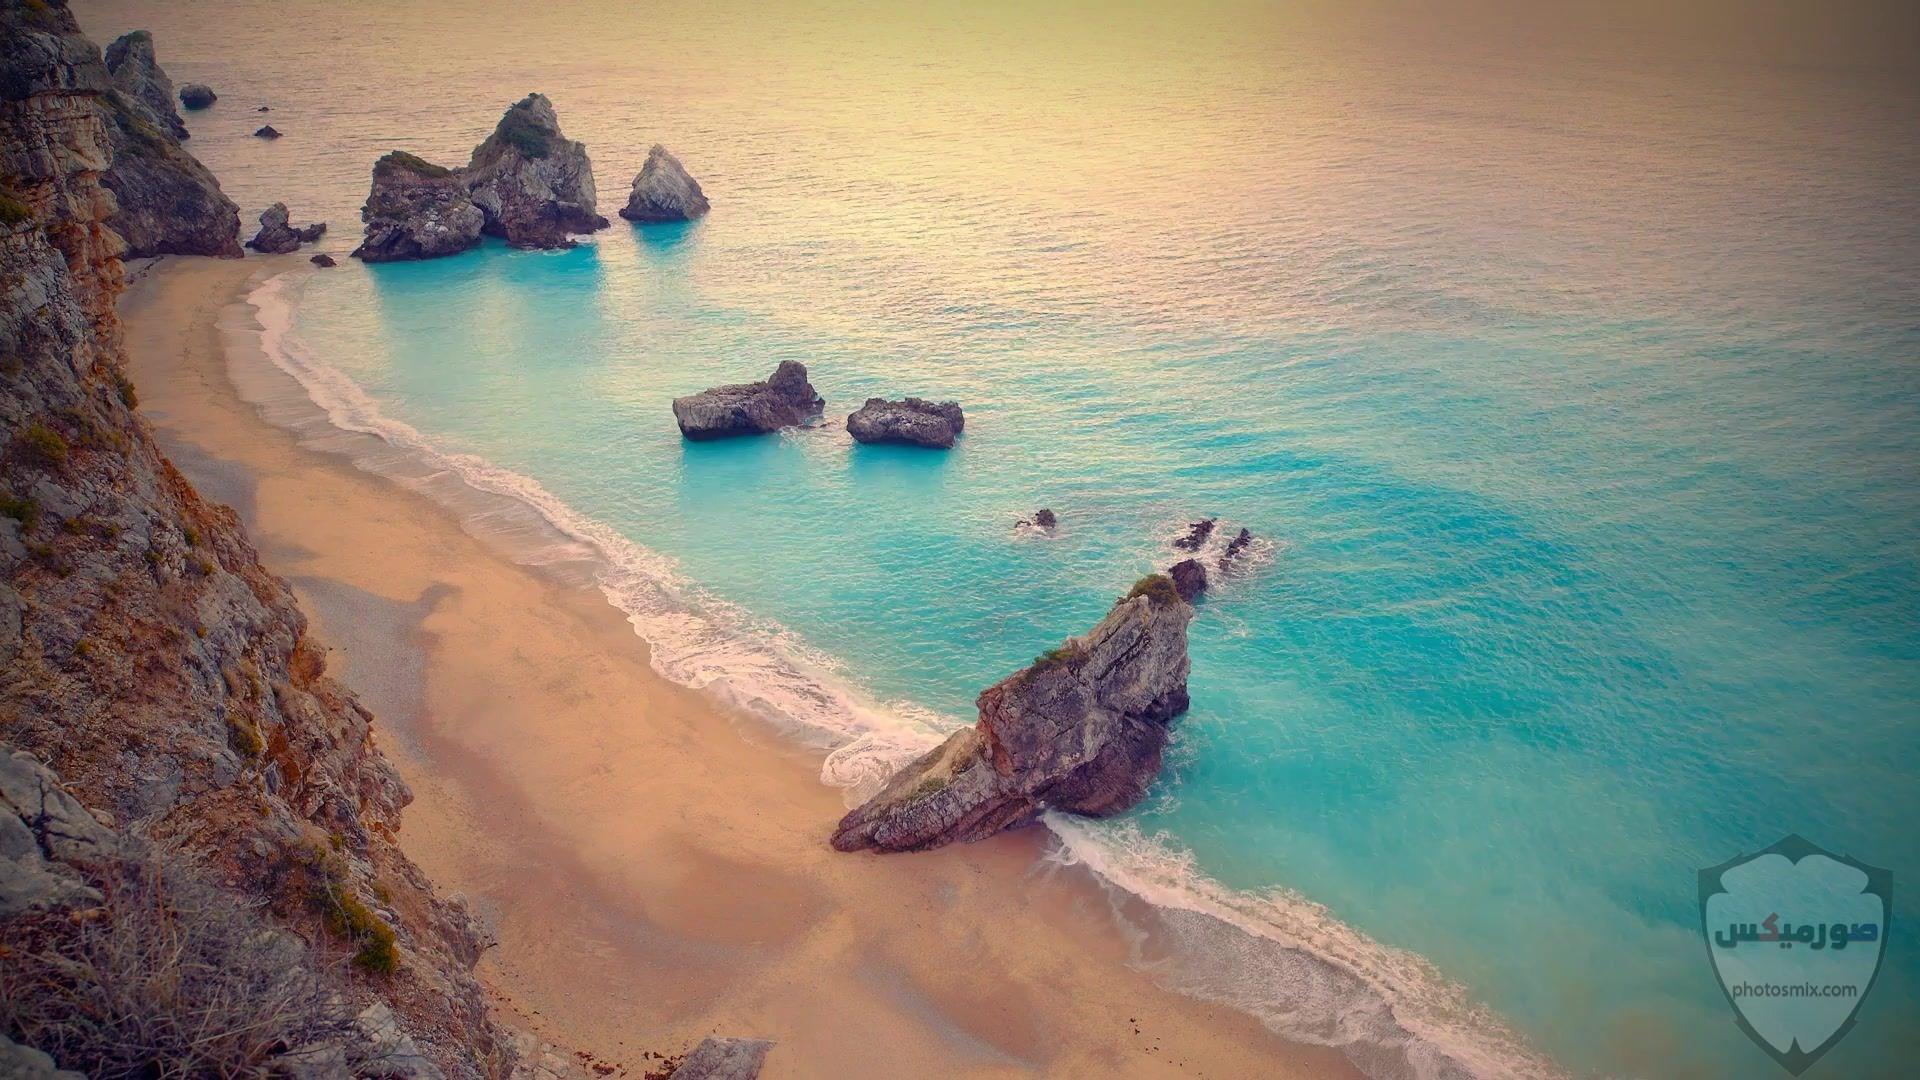 صور بحر وشواطئ HD اجمل خلفيات بحار وشواطئ في العالم 8